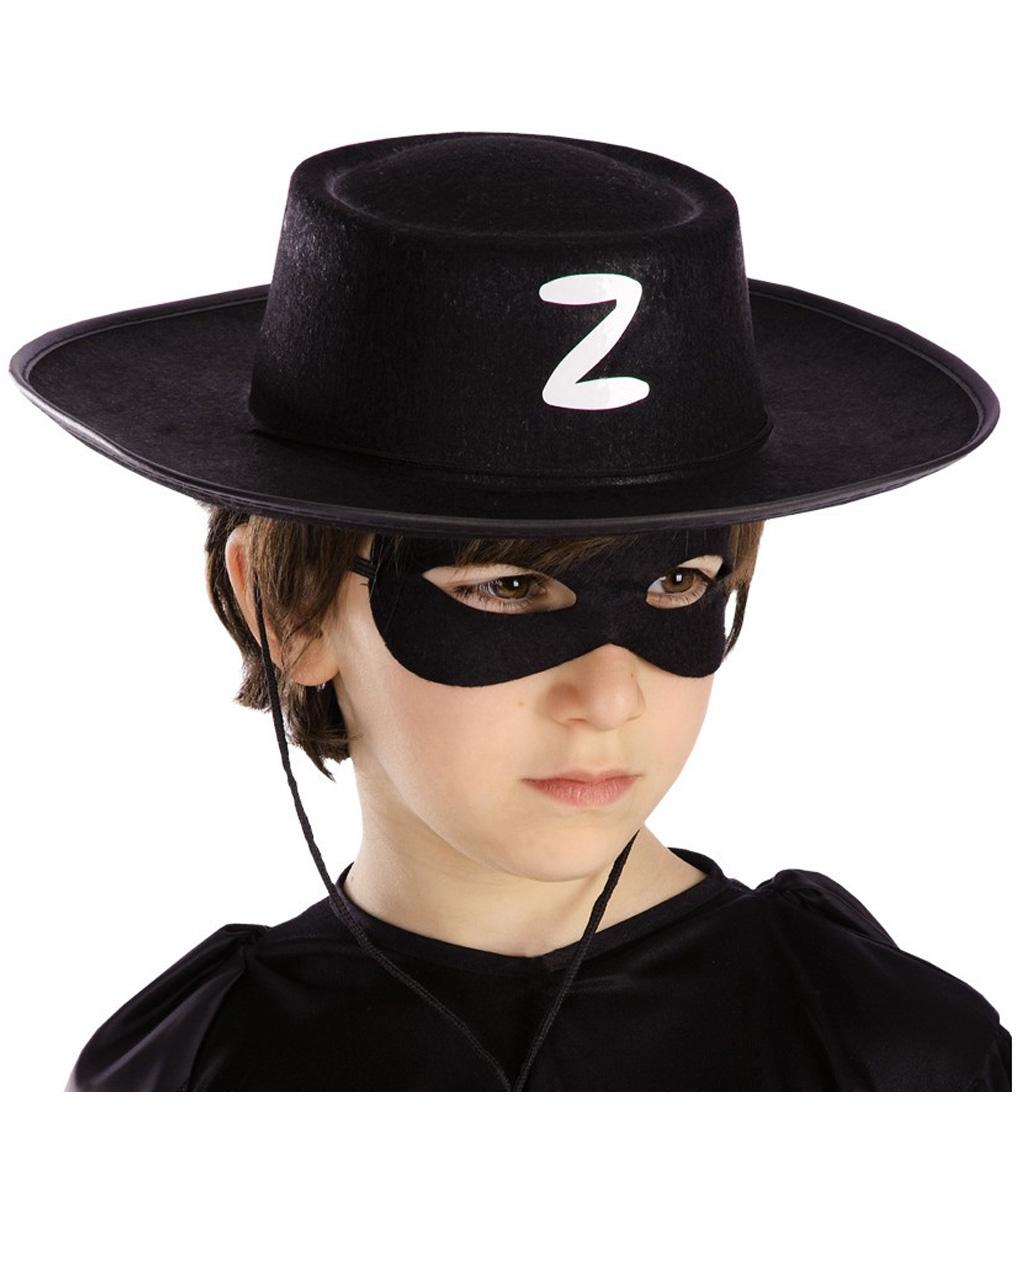 Zorro Hat For Children as costume accessories  f4f65160905